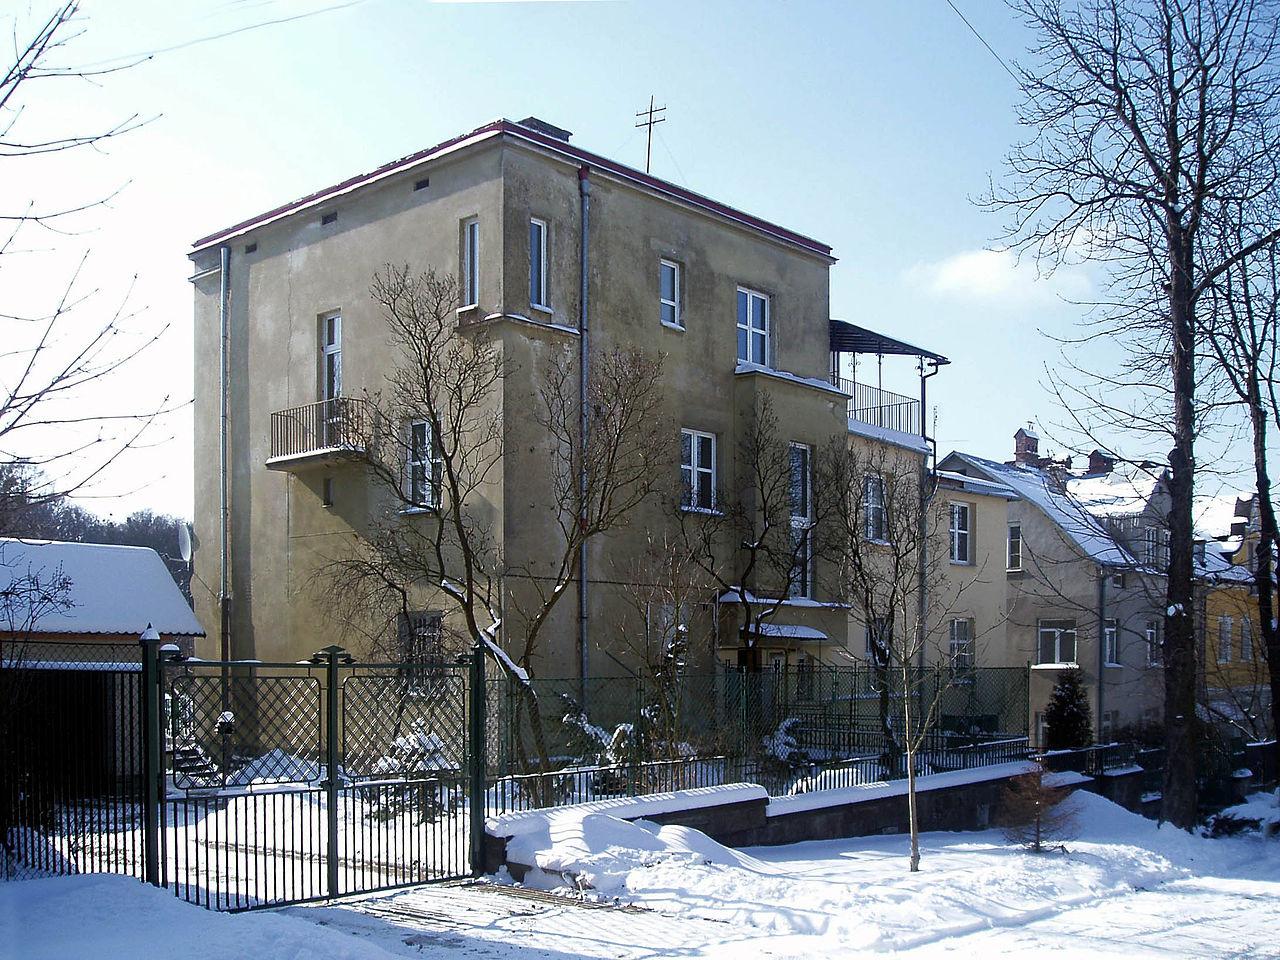 1280px-Tsetnerivka_street_18,_Lviv.jpg